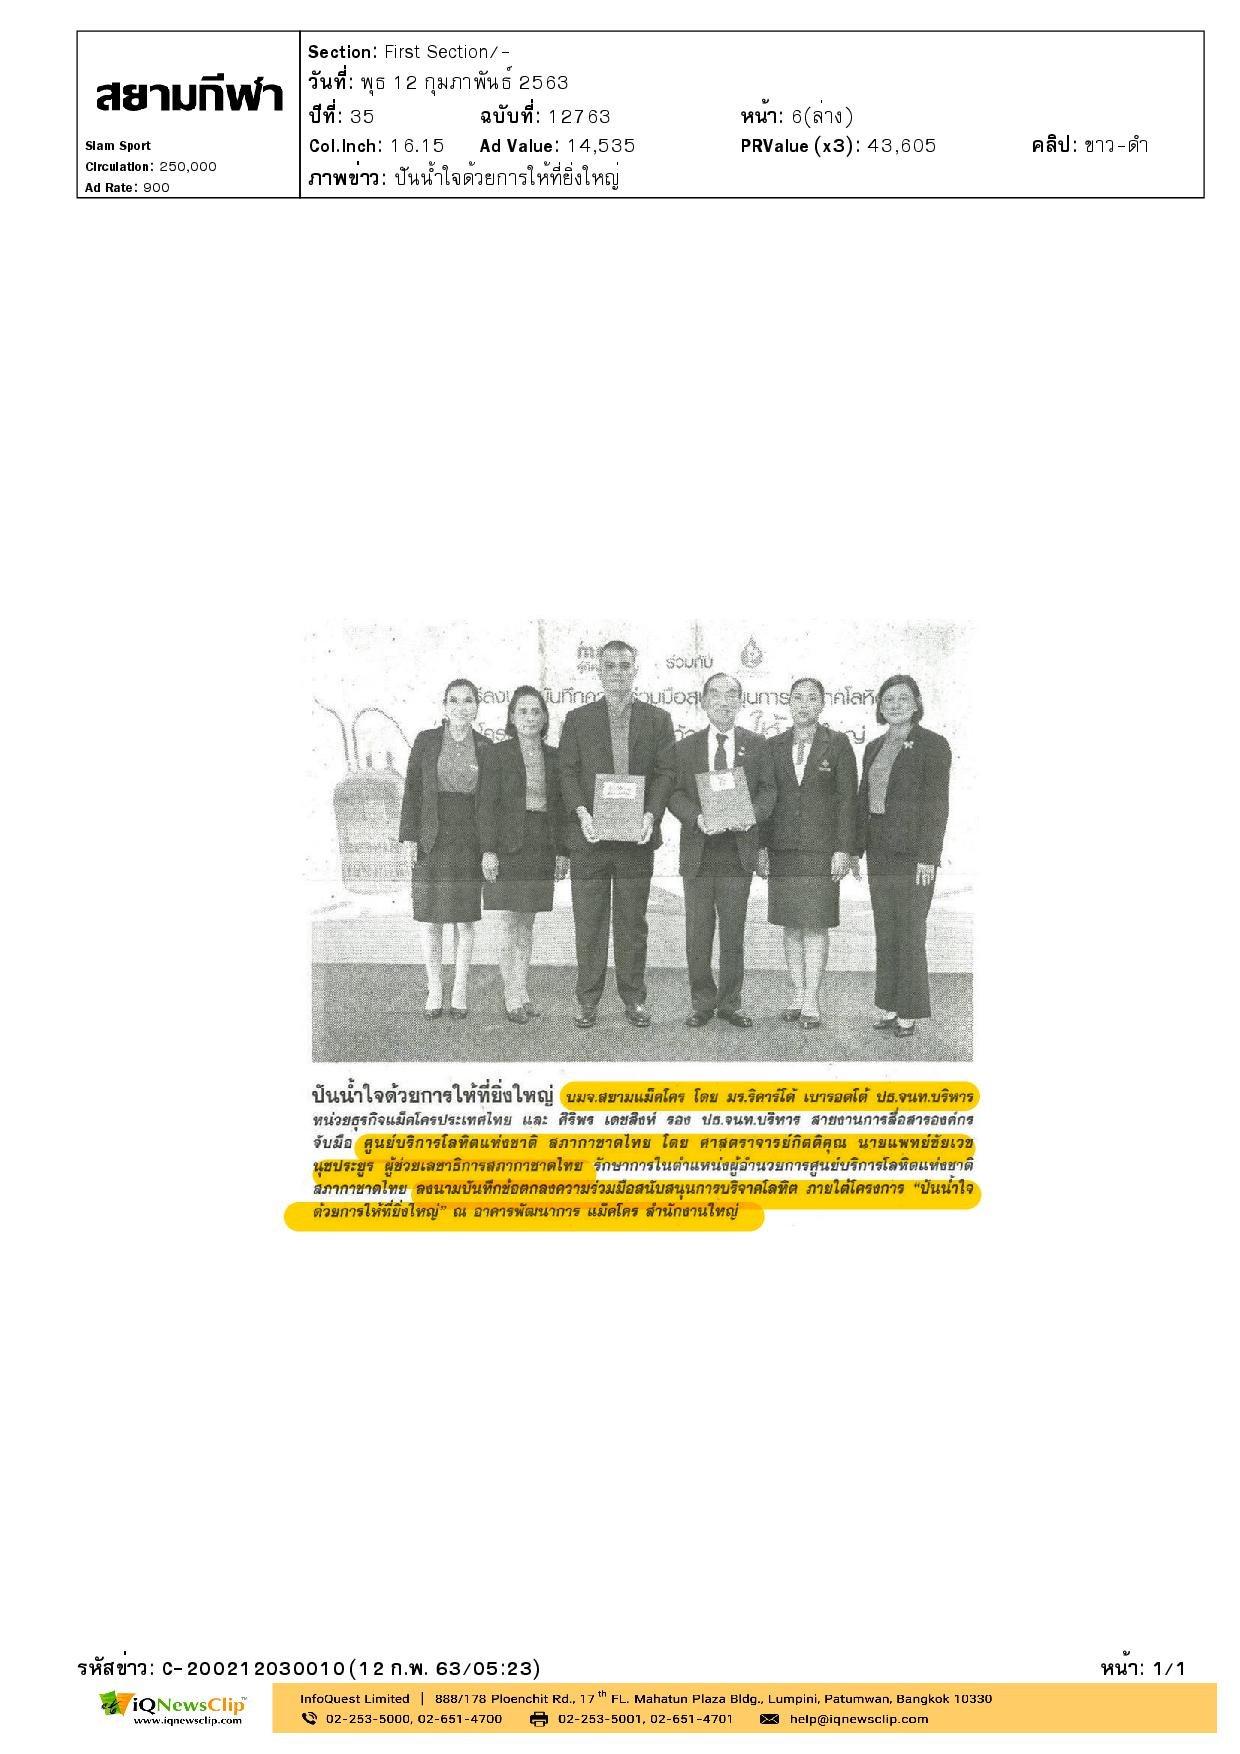 ศูนย์บริการโลหิตฯ ลงนามความร่วมมือสนับสนุนการบริจาคโลหิต